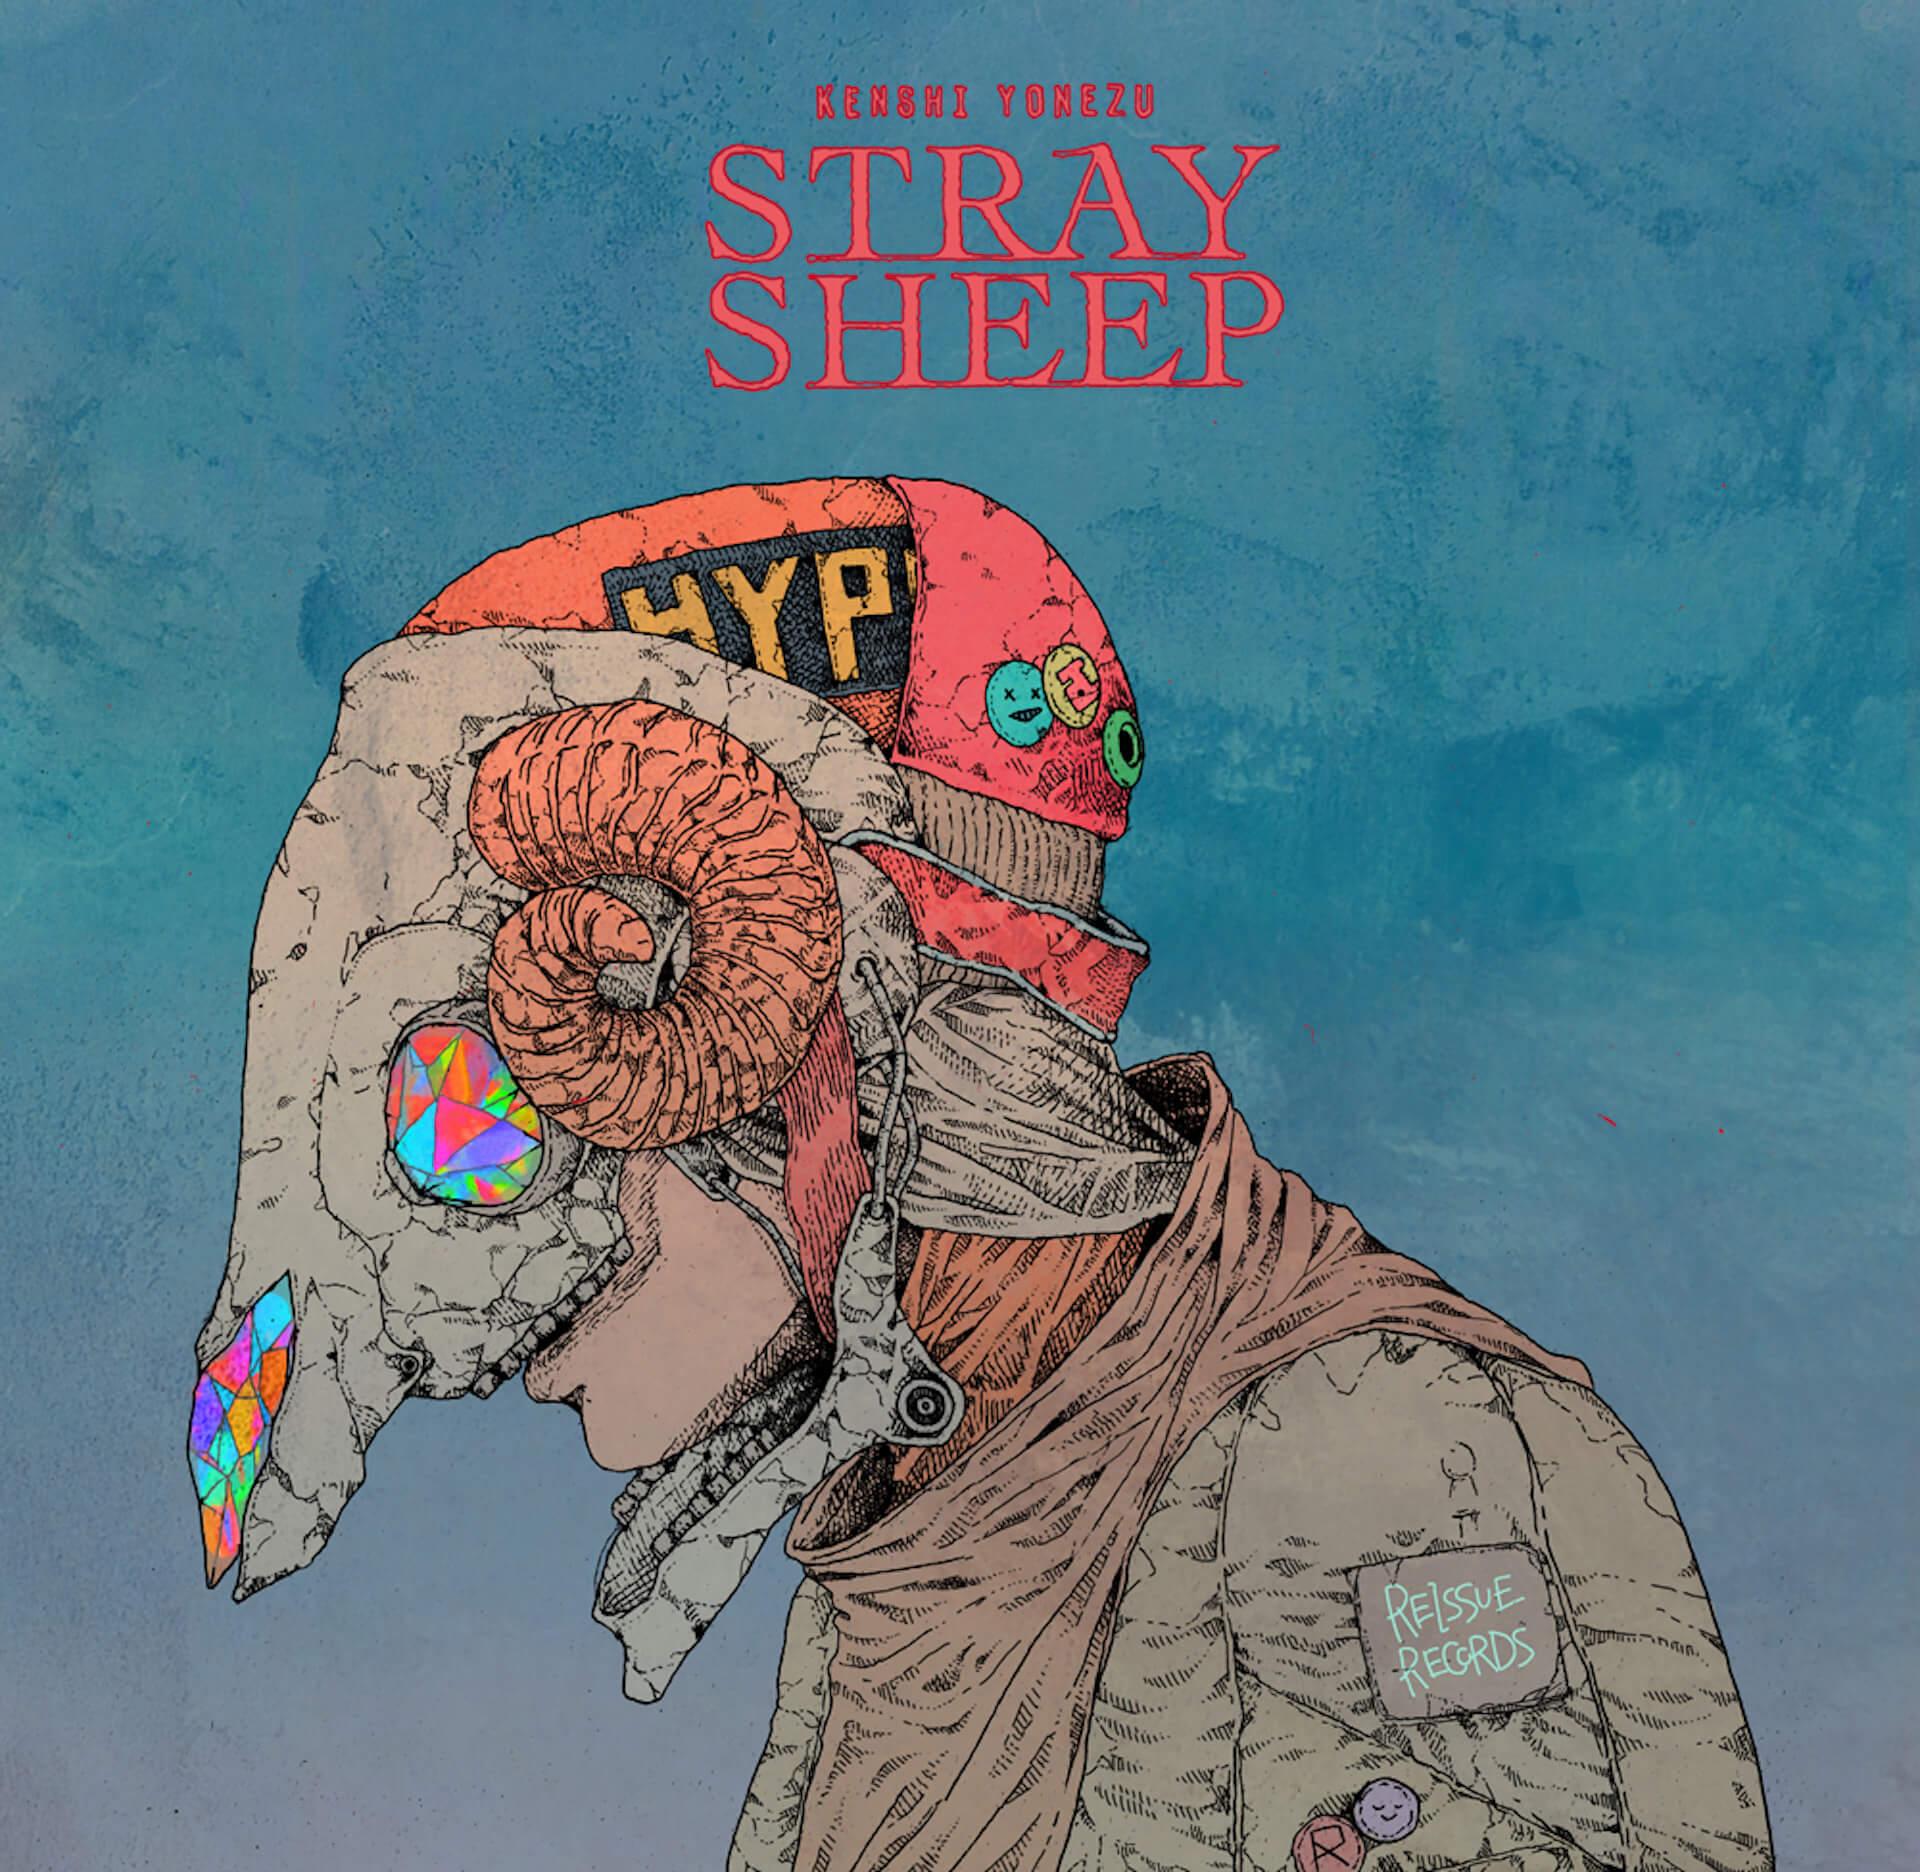 米津玄師と野田洋次郎の夢のコラボが『STRAY SHEEP』で実現!米津玄師の新ビジュアルも解禁 music200612_yonezukenshi_noda_4